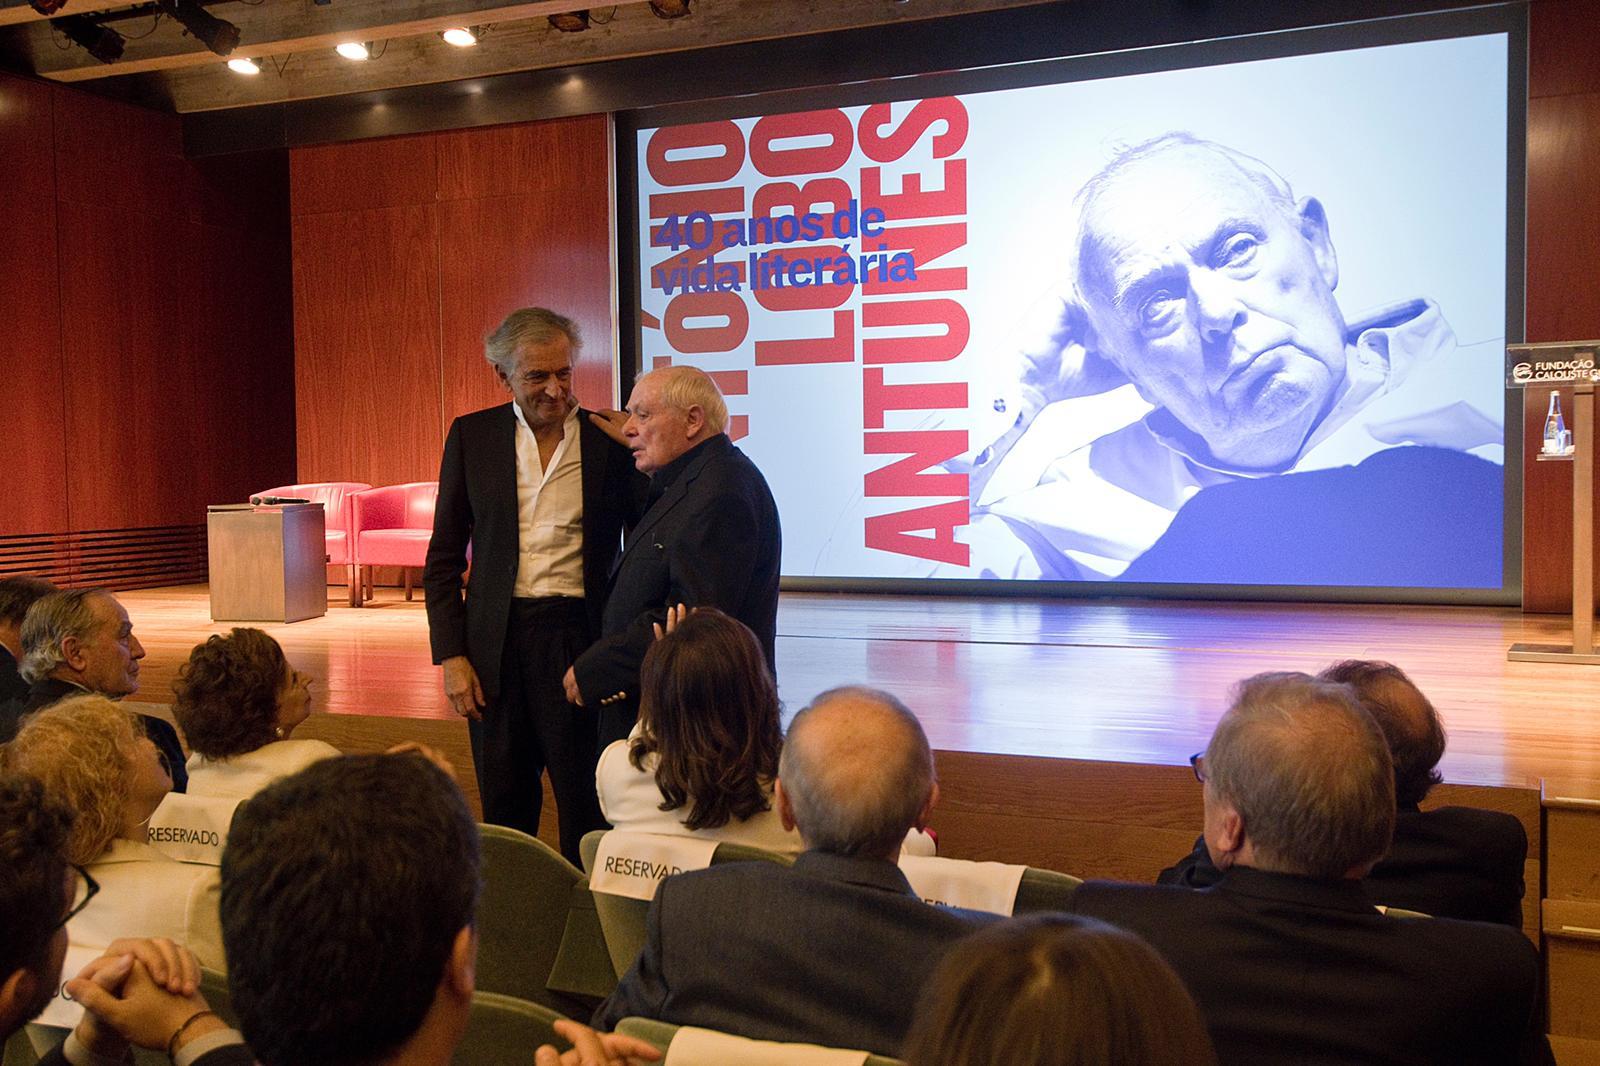 Bernard-Henri Lévy et Antonio Lobo Antunes à la Fondation Calouste Gulbenkian, à Lisbonne, le samedi 28 septembre 2019.